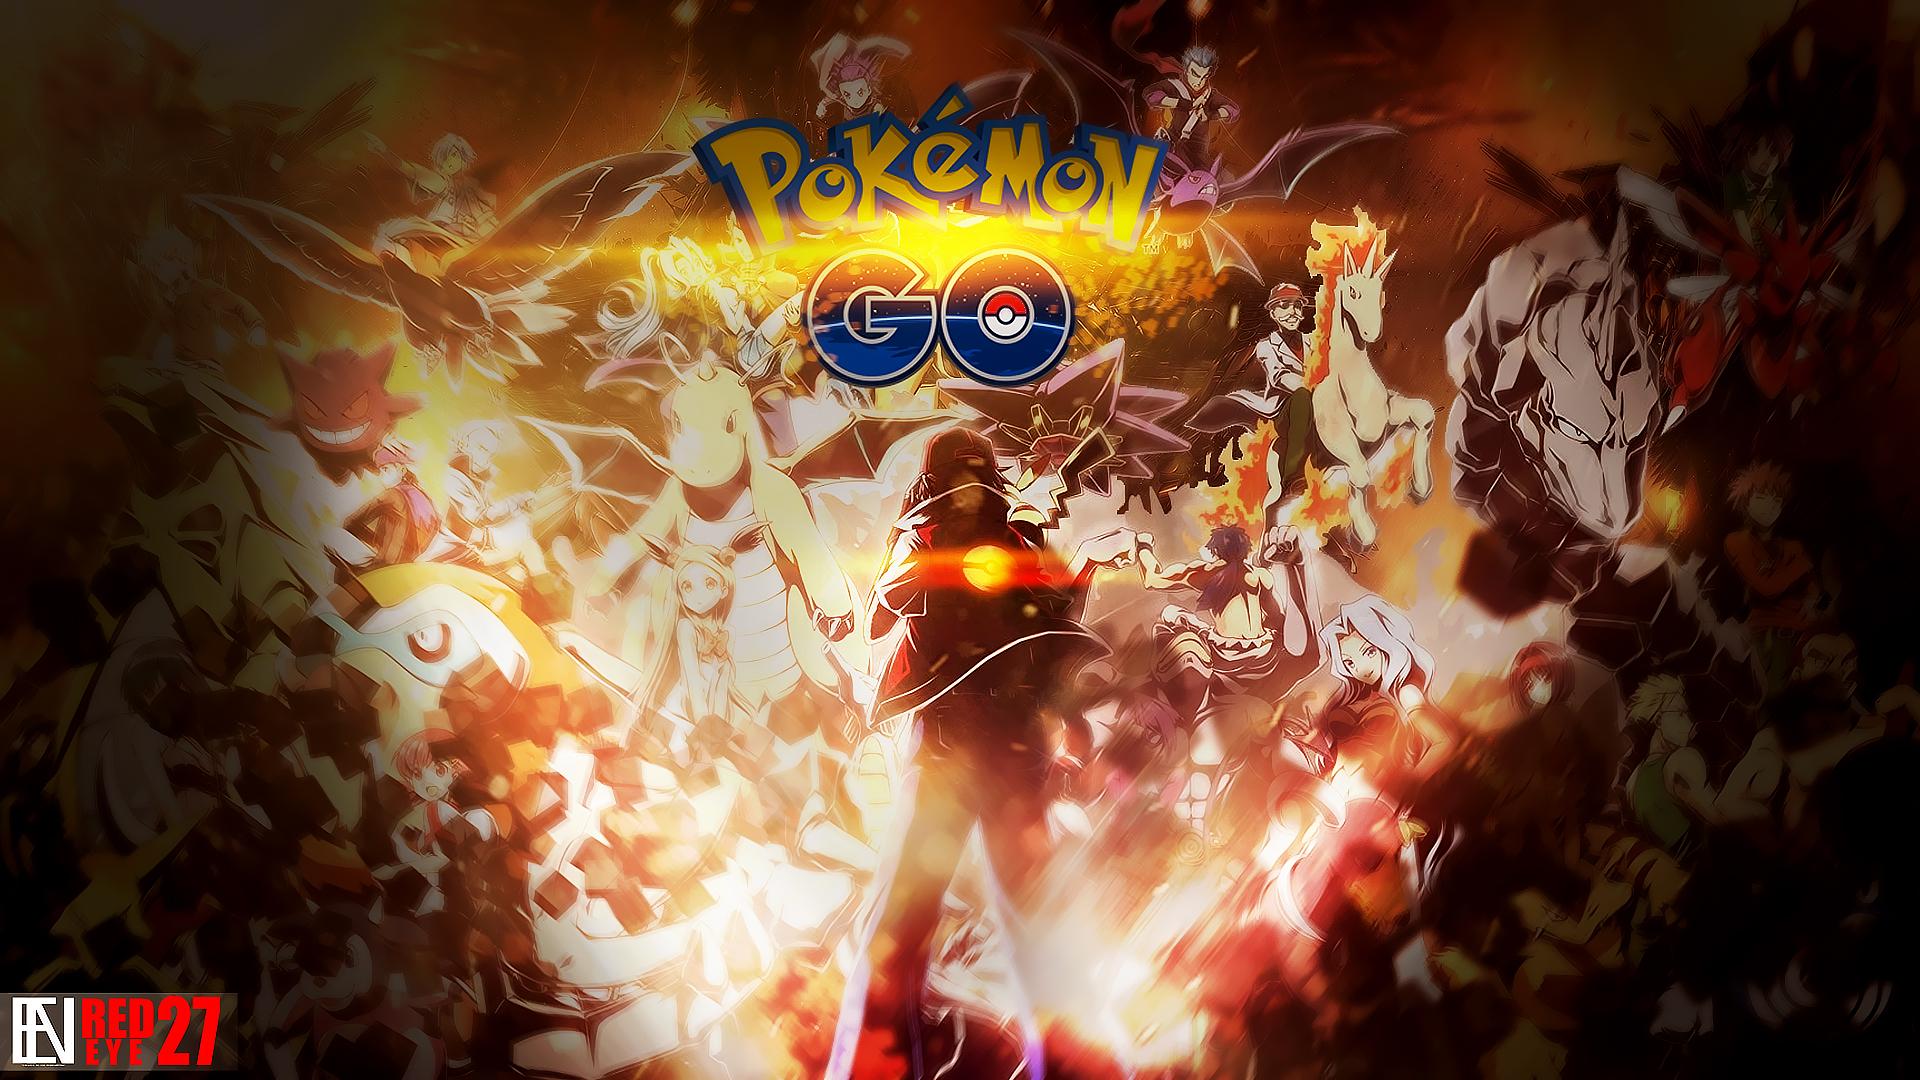 pokemon go computer wallpapers desktop backgrounds